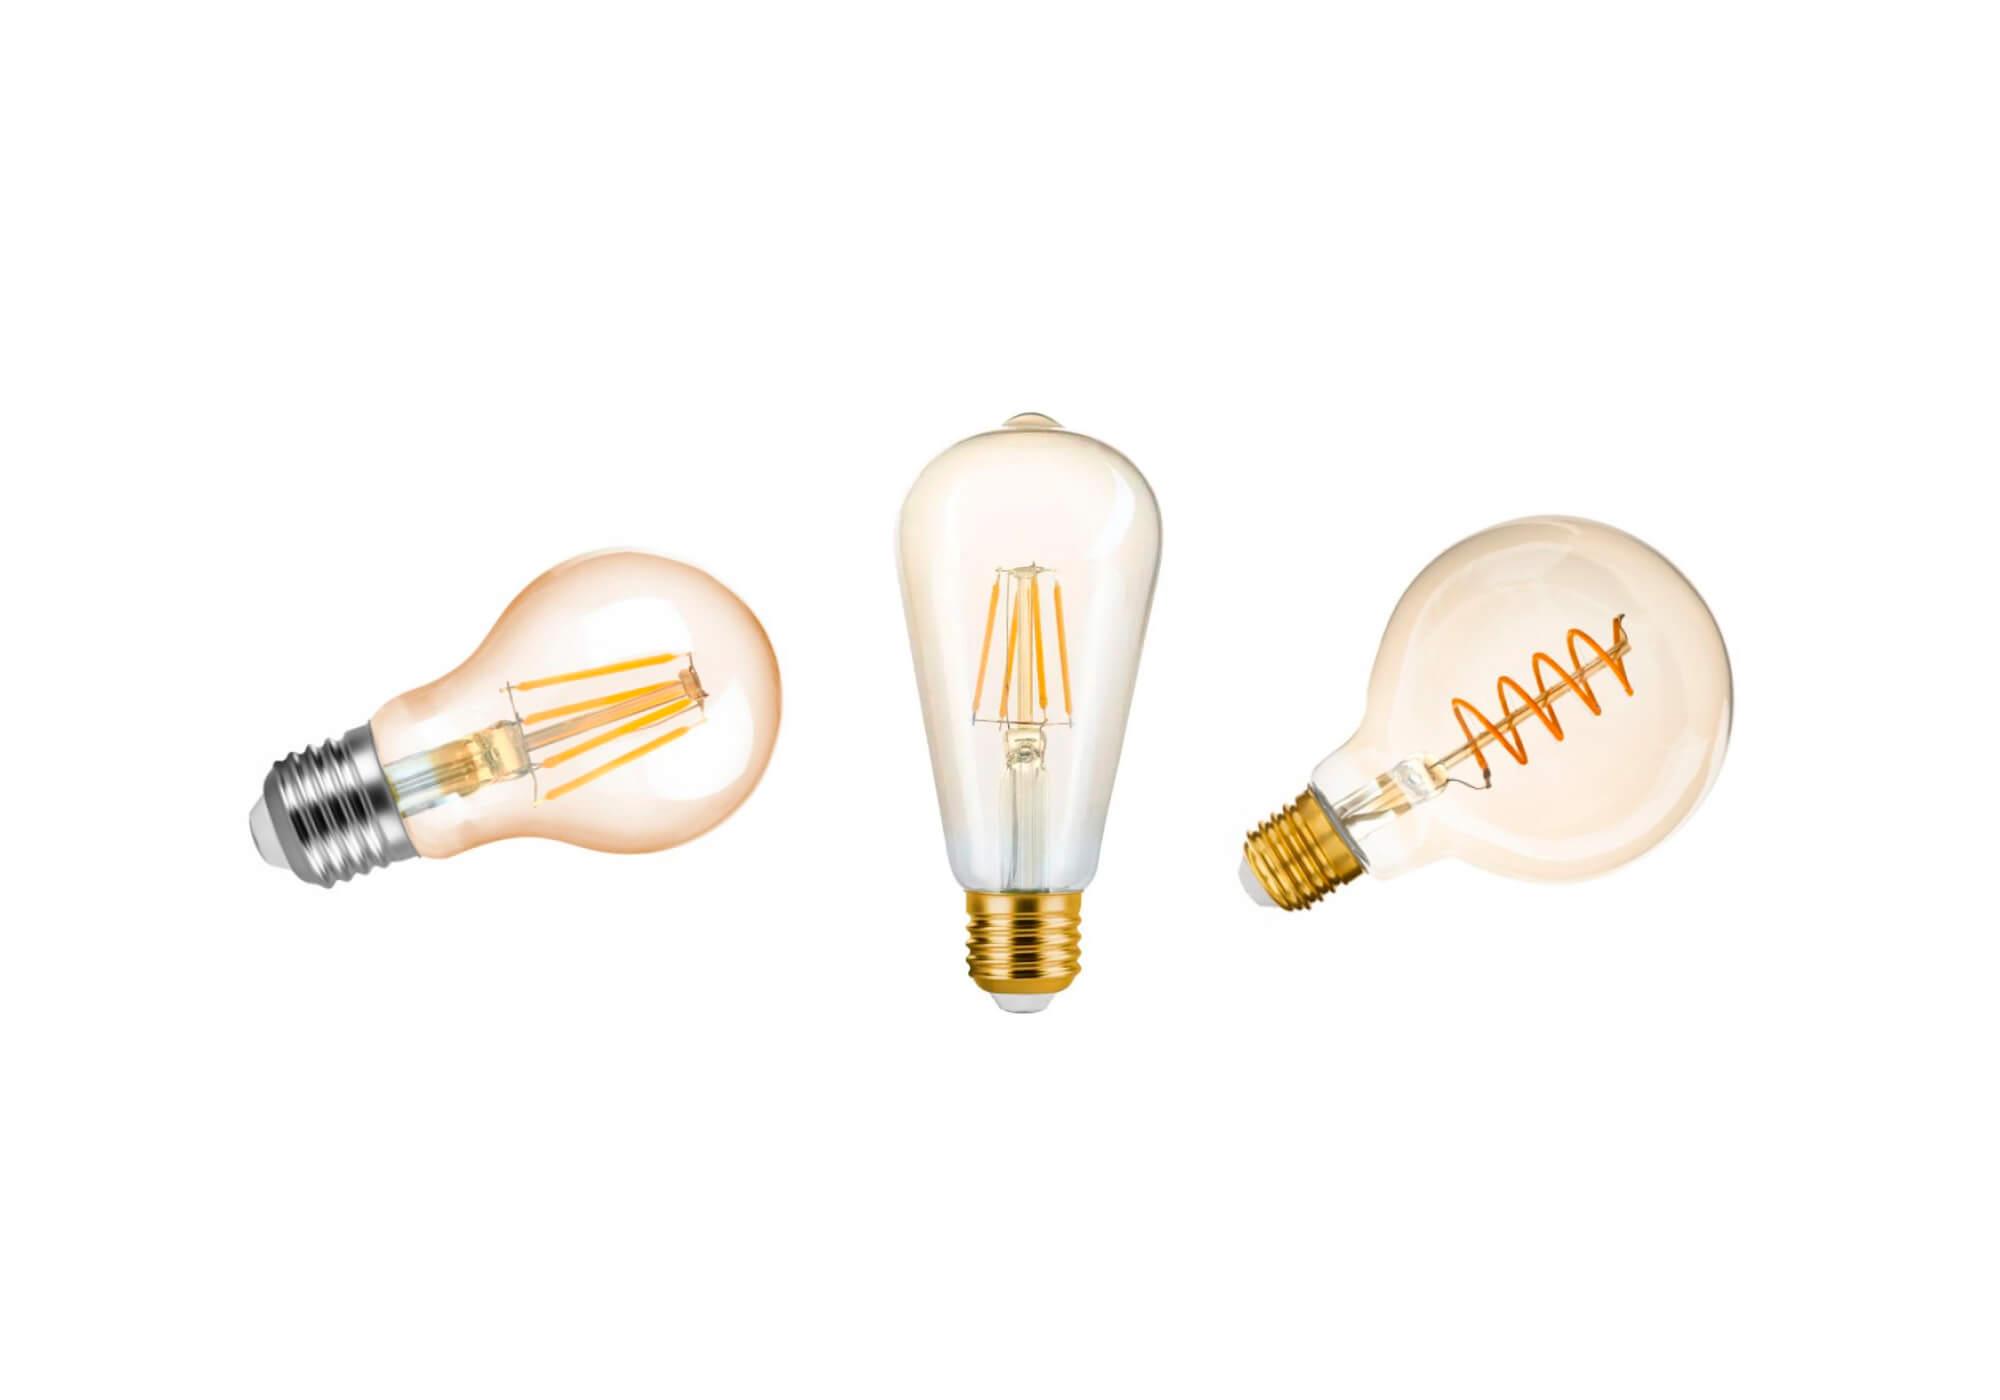 Três lâmpadas filamento led retro